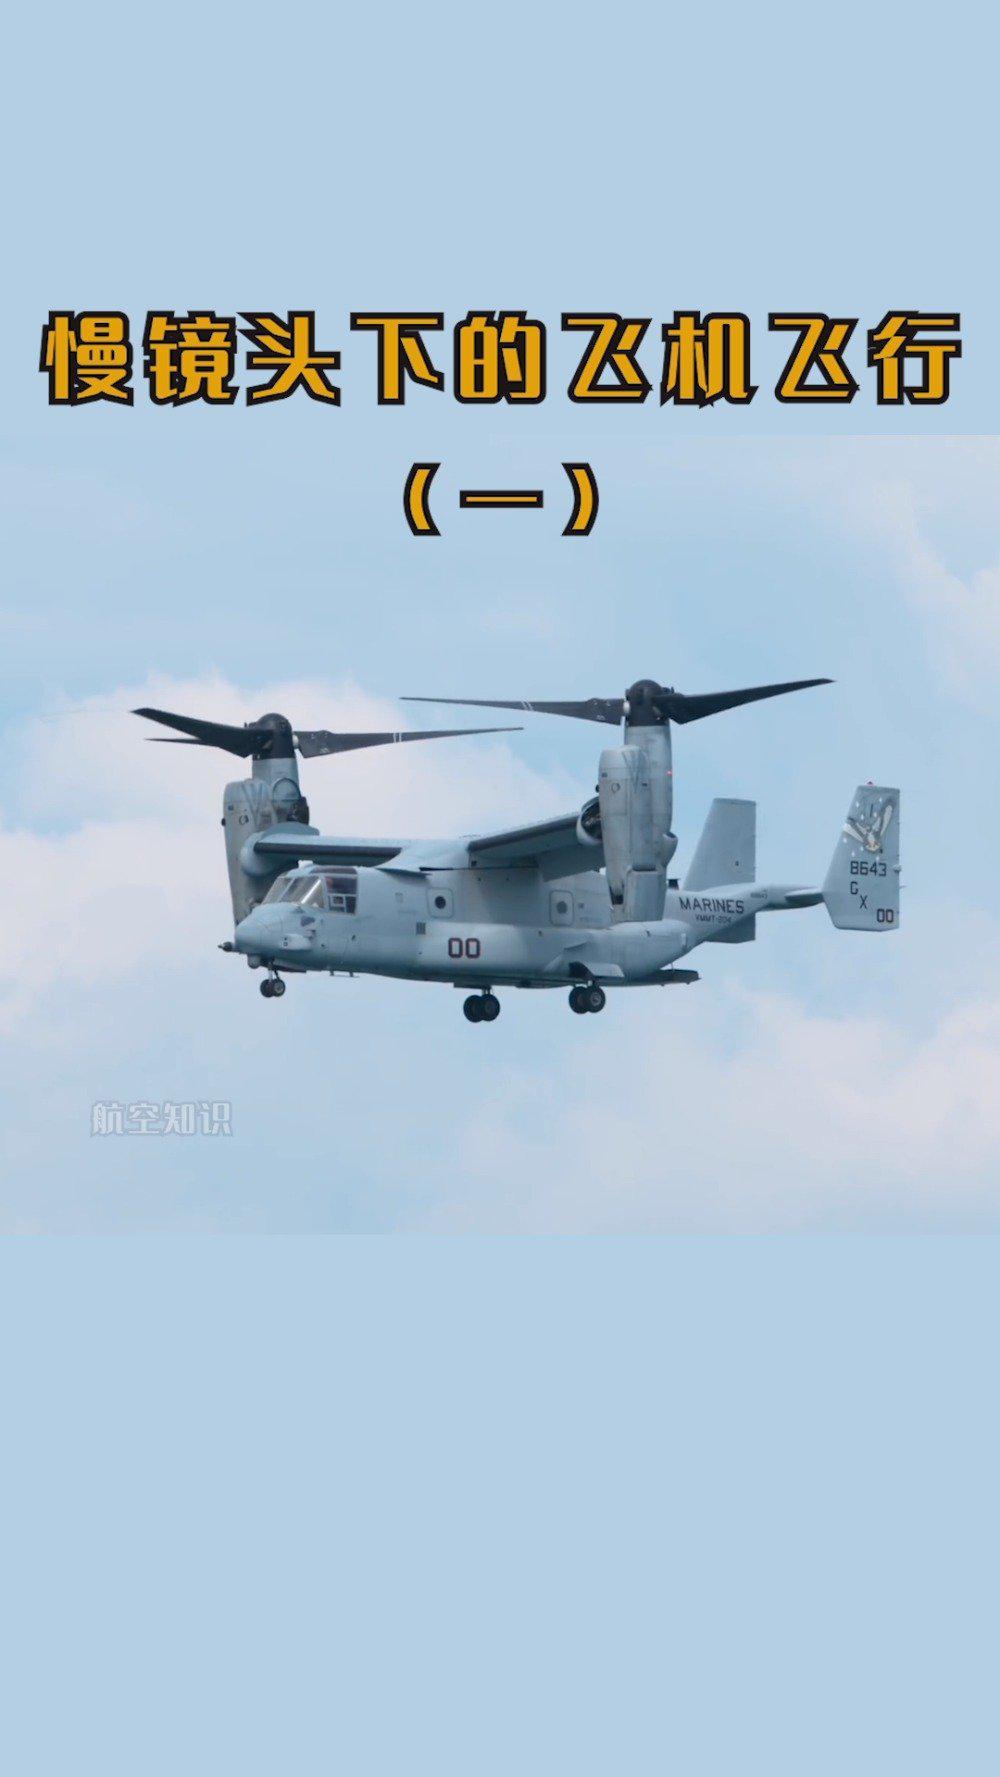 超酷 ! 的飞机飞行慢镜头